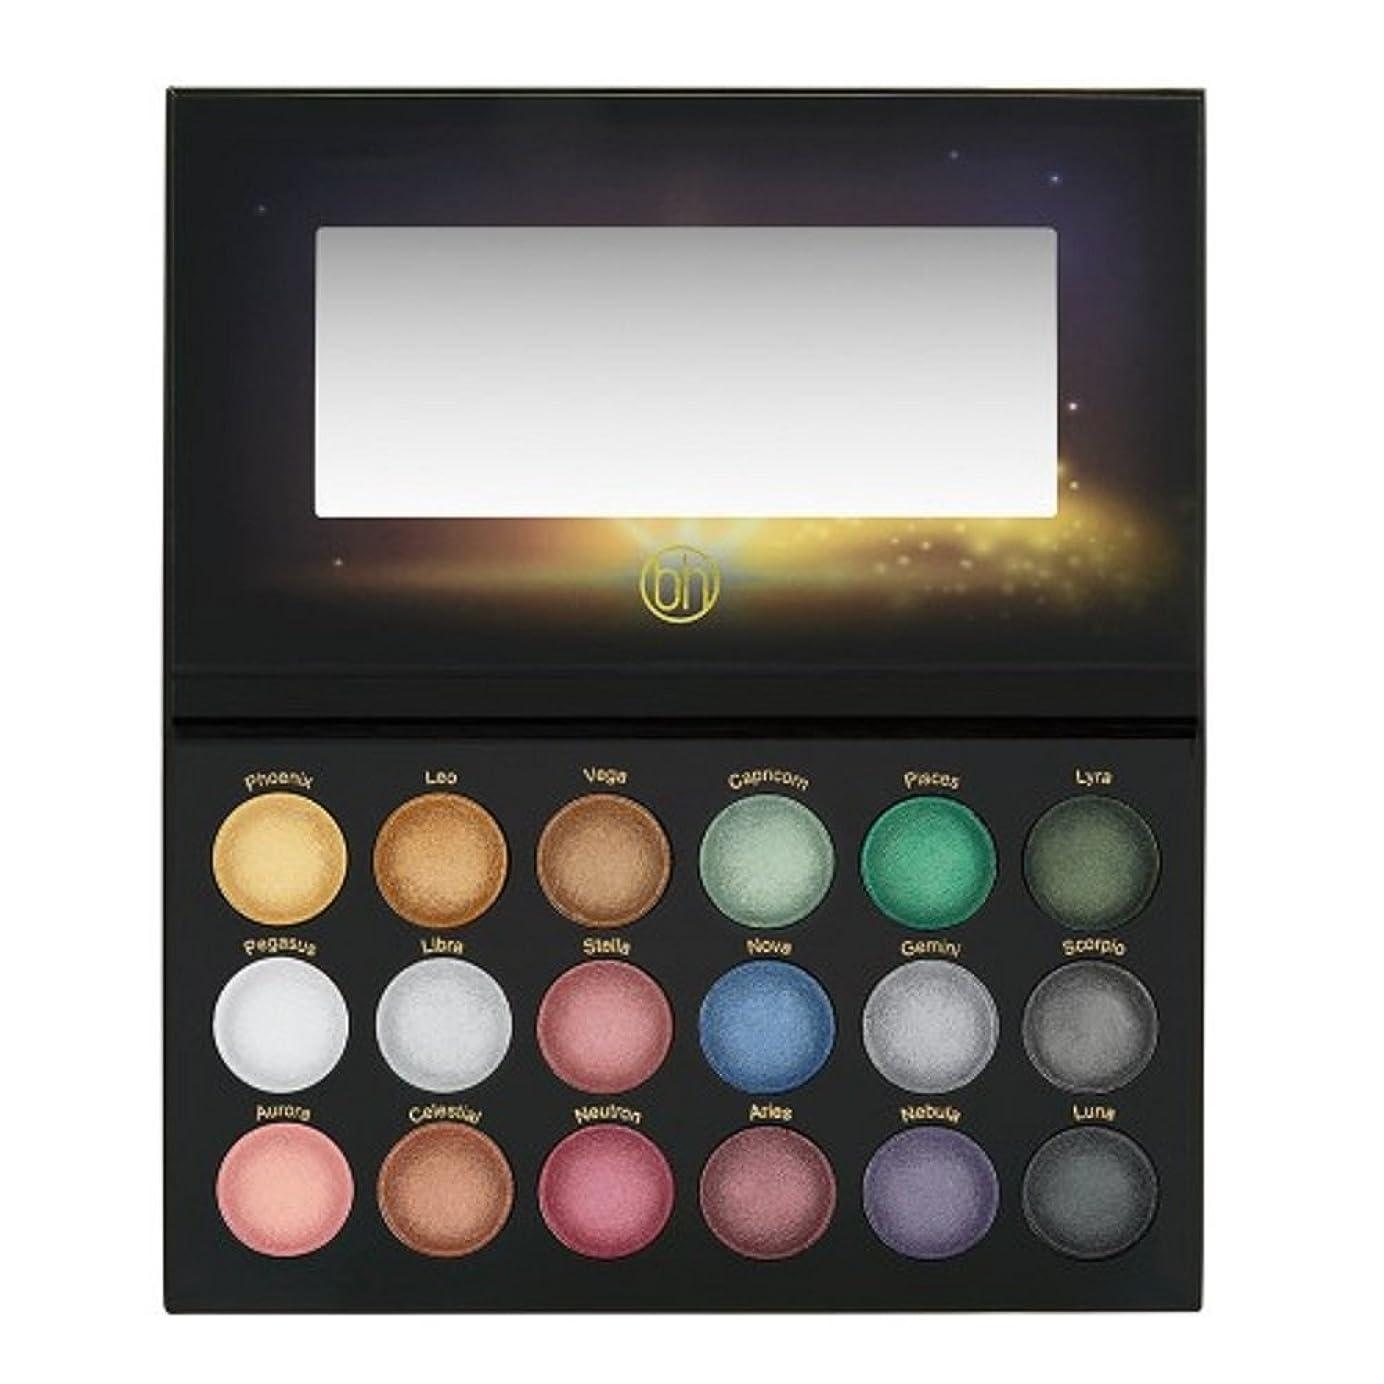 抑圧翻訳する支配的BH Cosmetics Supernova - 18 Color Baked Eyeshadow Palette (並行輸入品)